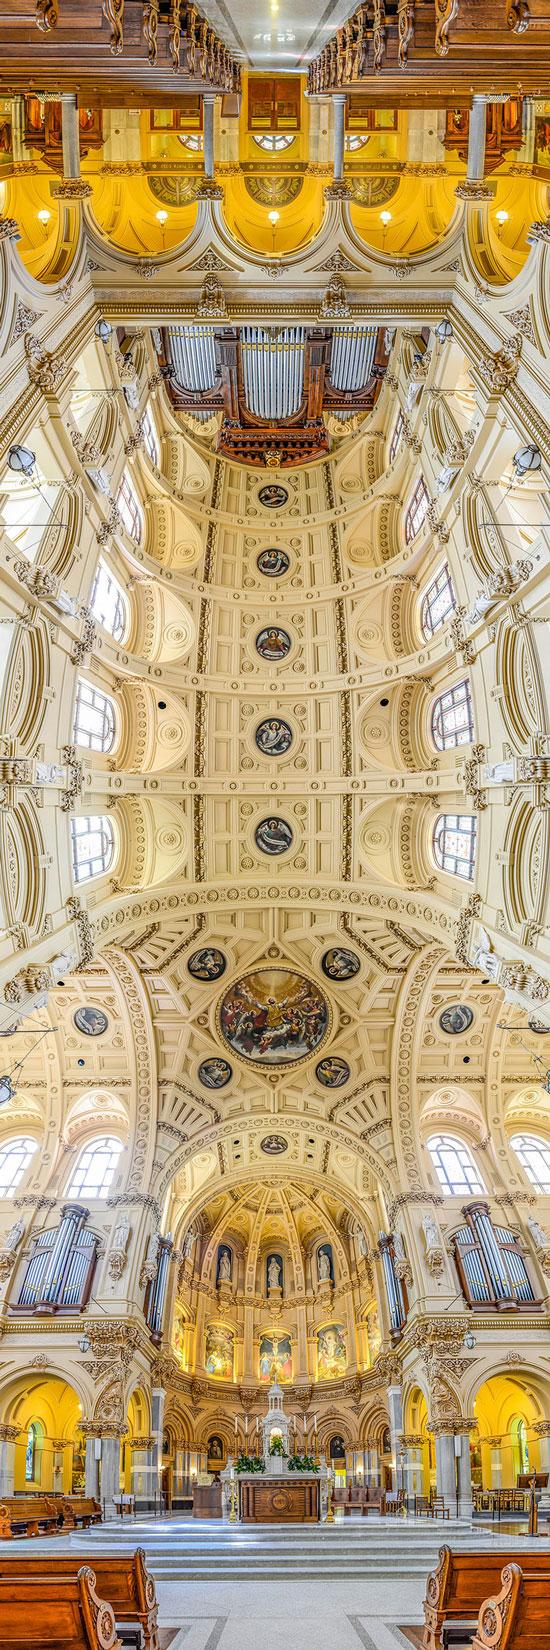 تصاویر پانوراما از کلیساهای مشهور جهان